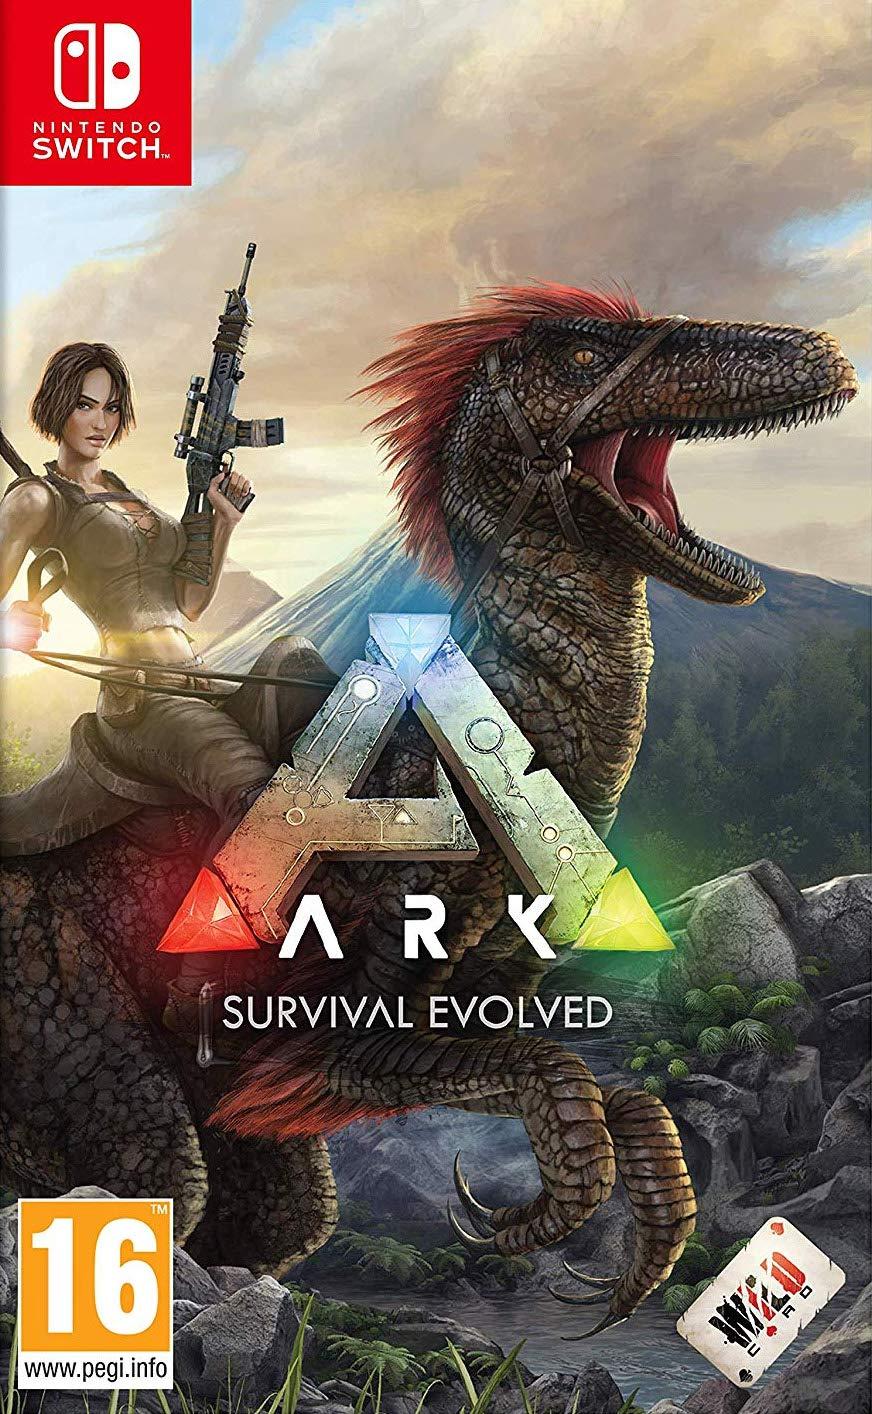 Ark Survival Evolved - Edición Estándar (Nintendo Switch) imagen